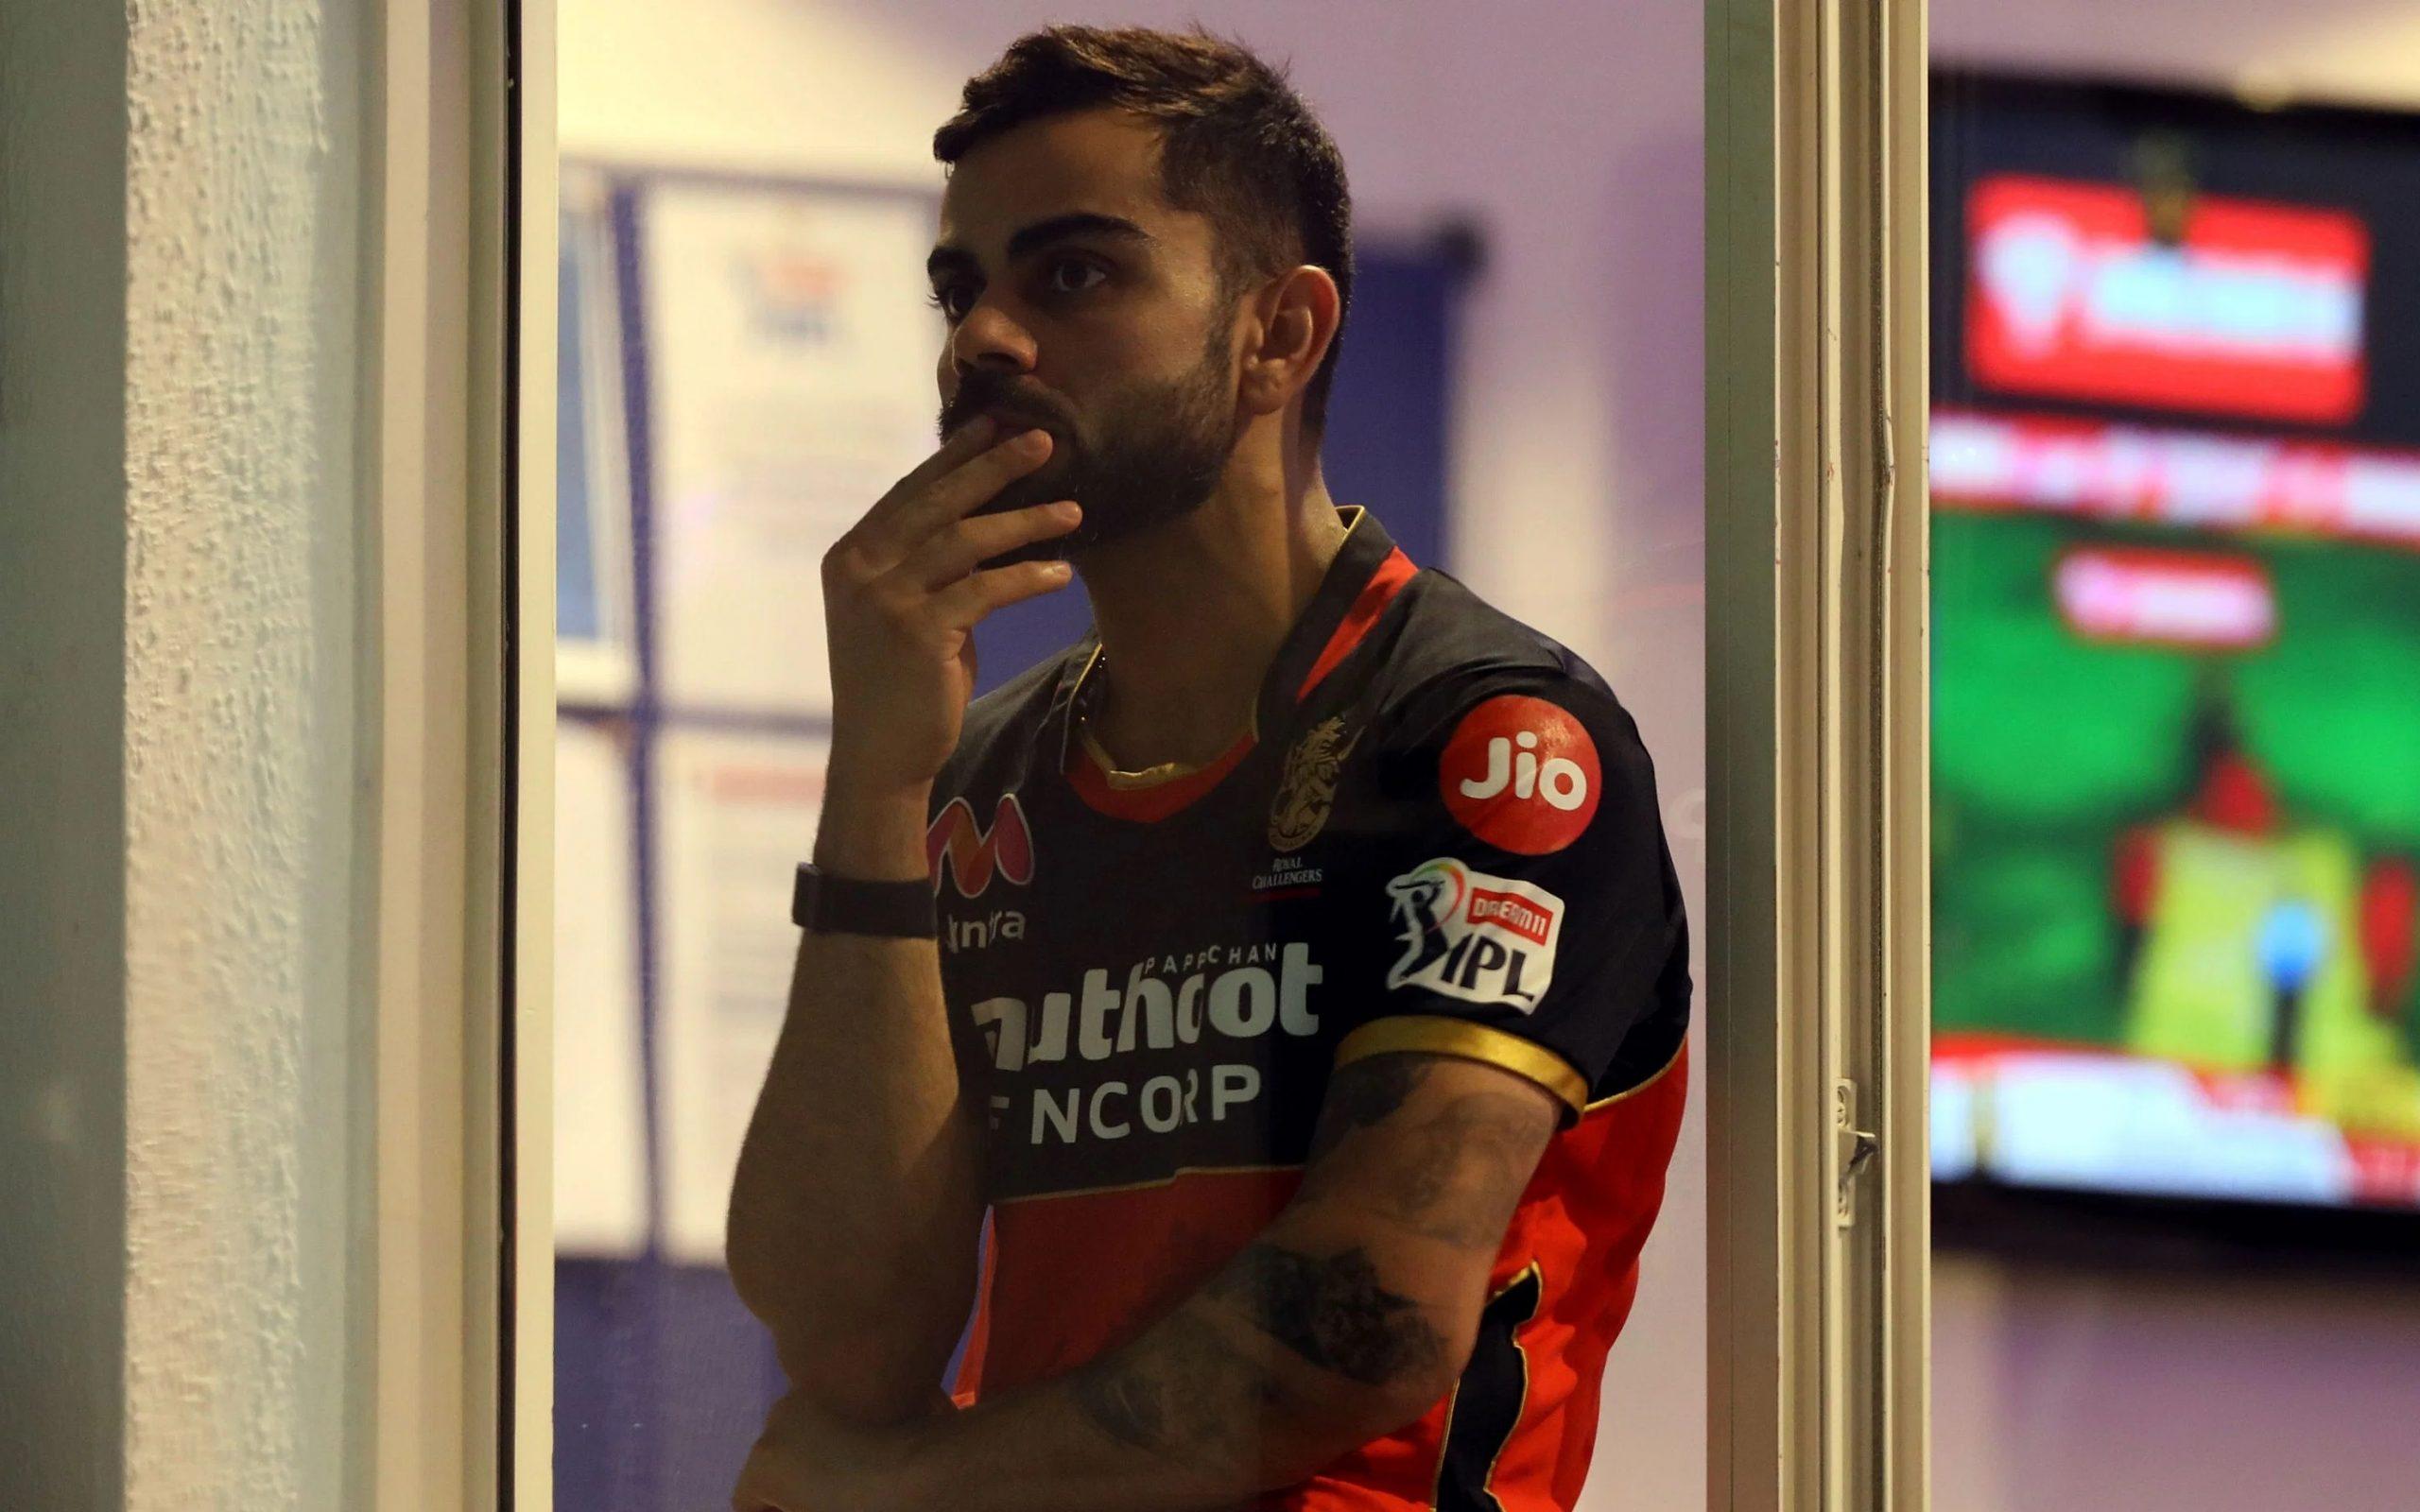 চলতি IPL-এই RCB-র অধিনায়কত্ব হারাতে পারেন কোহলি!